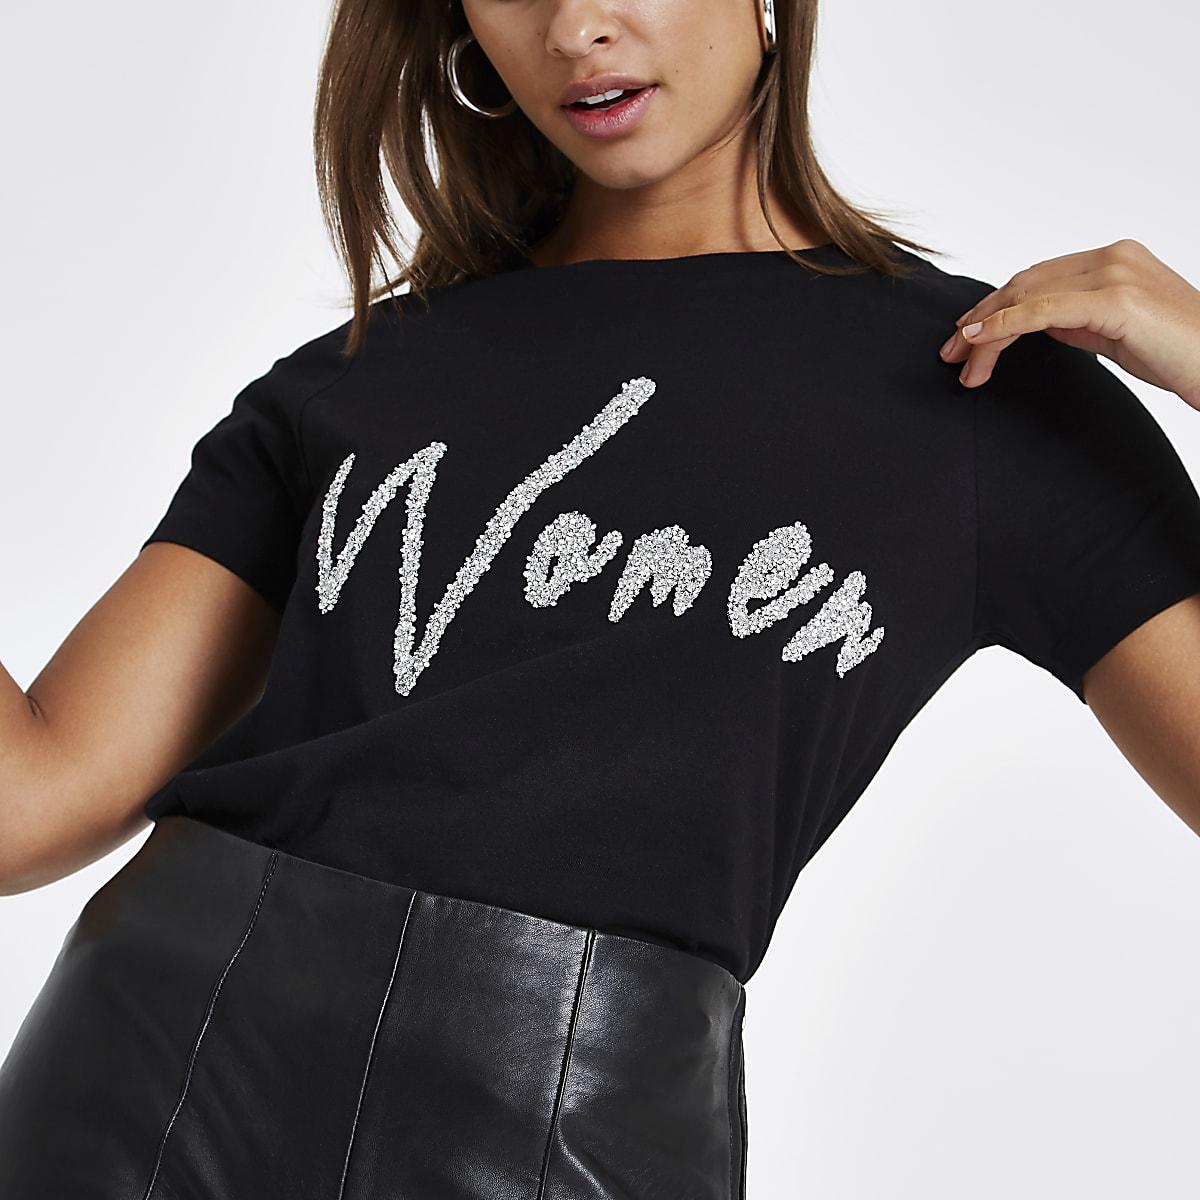 Black 'women' diamante embellished T-shirt